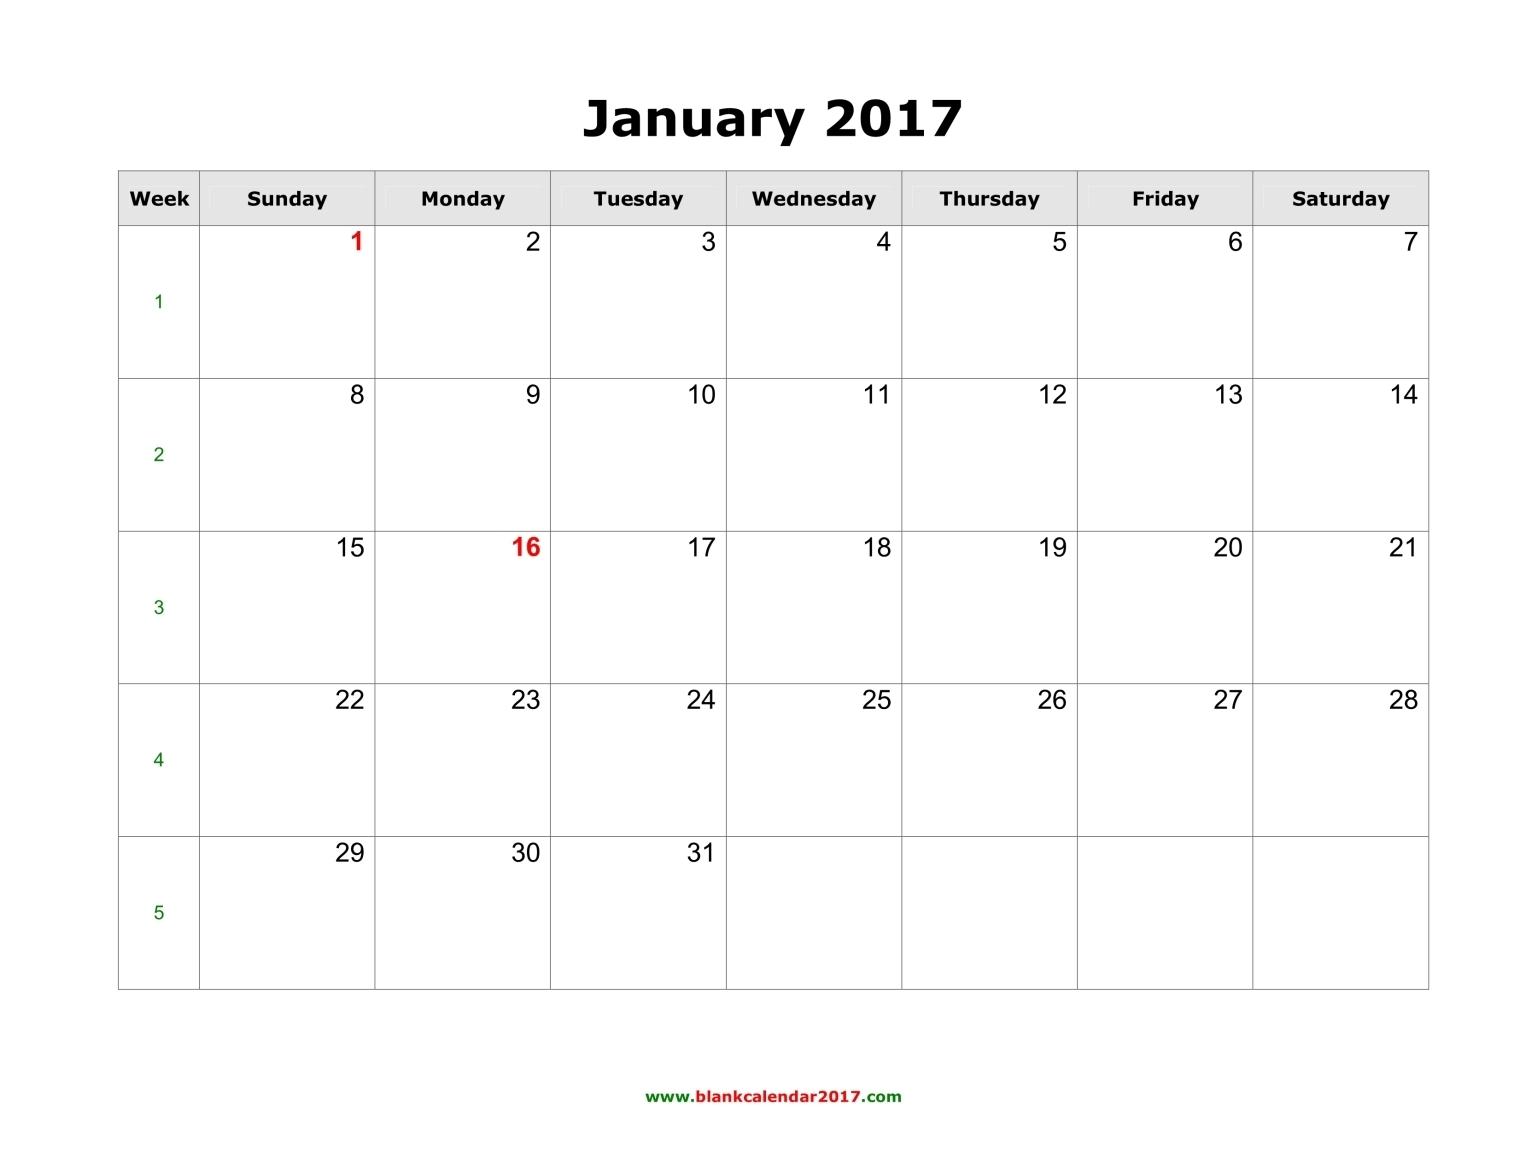 January 2017 Calendar Word Document